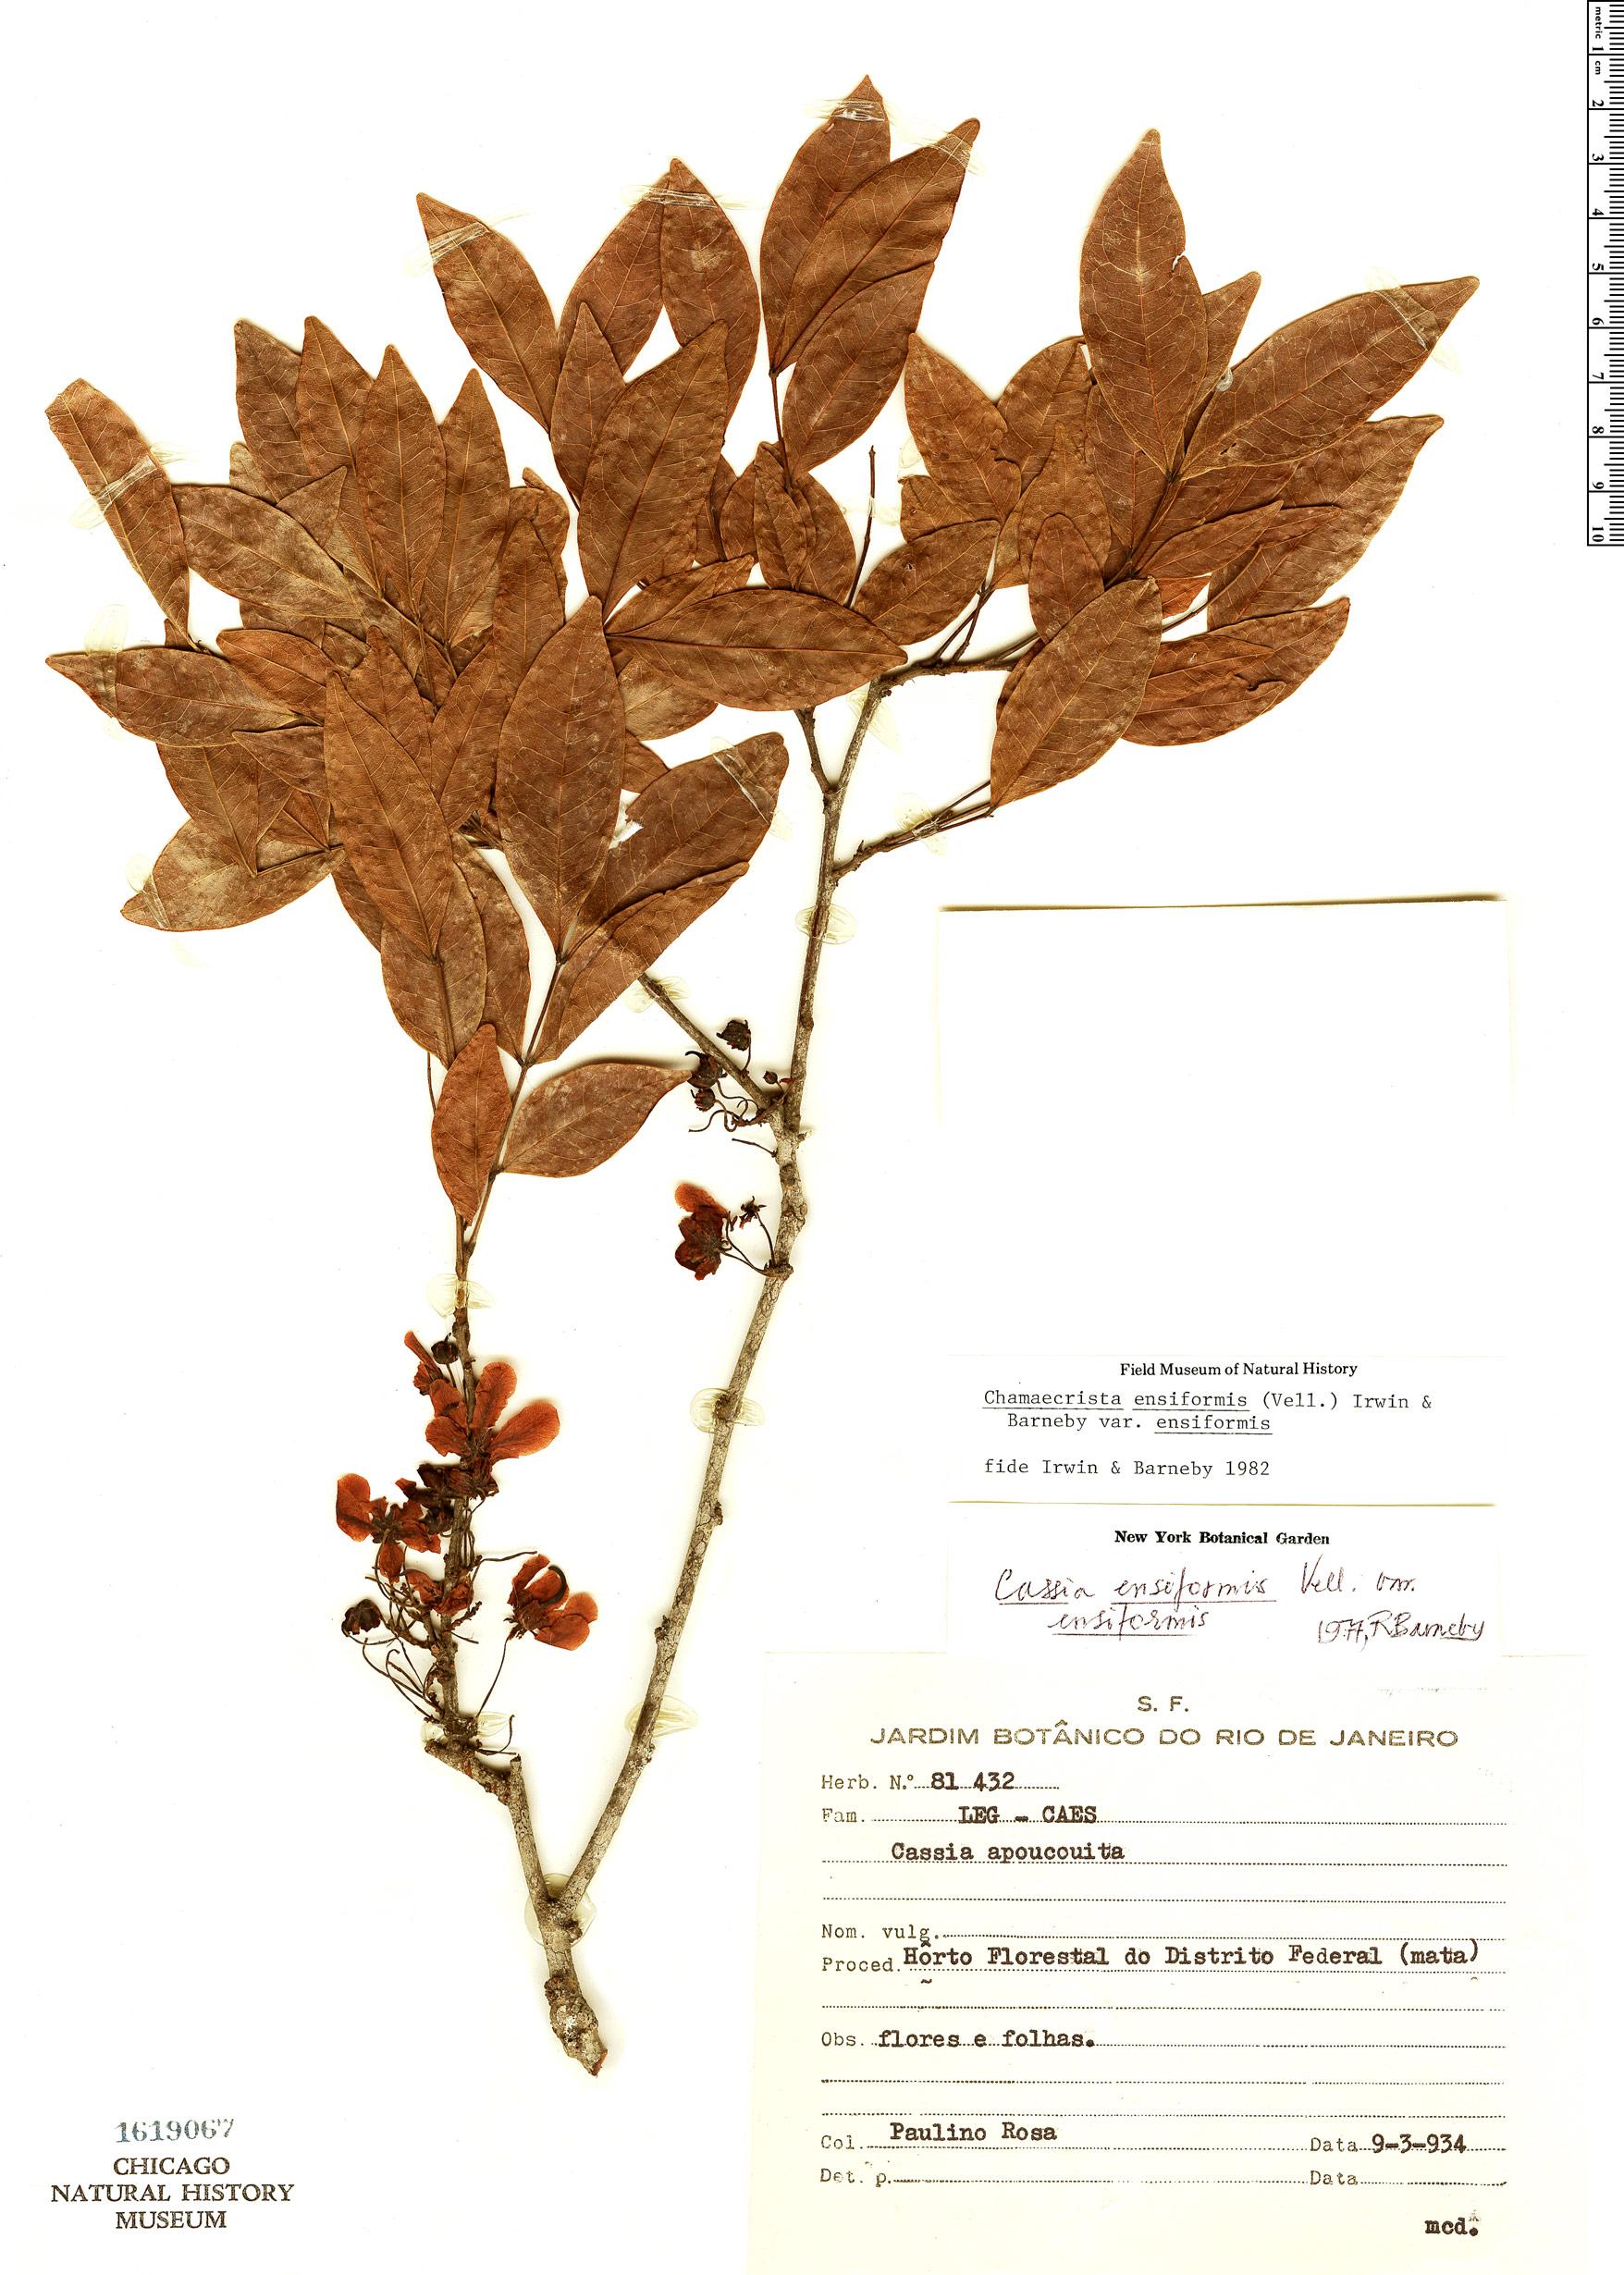 Specimen: Chamaecrista ensiformis